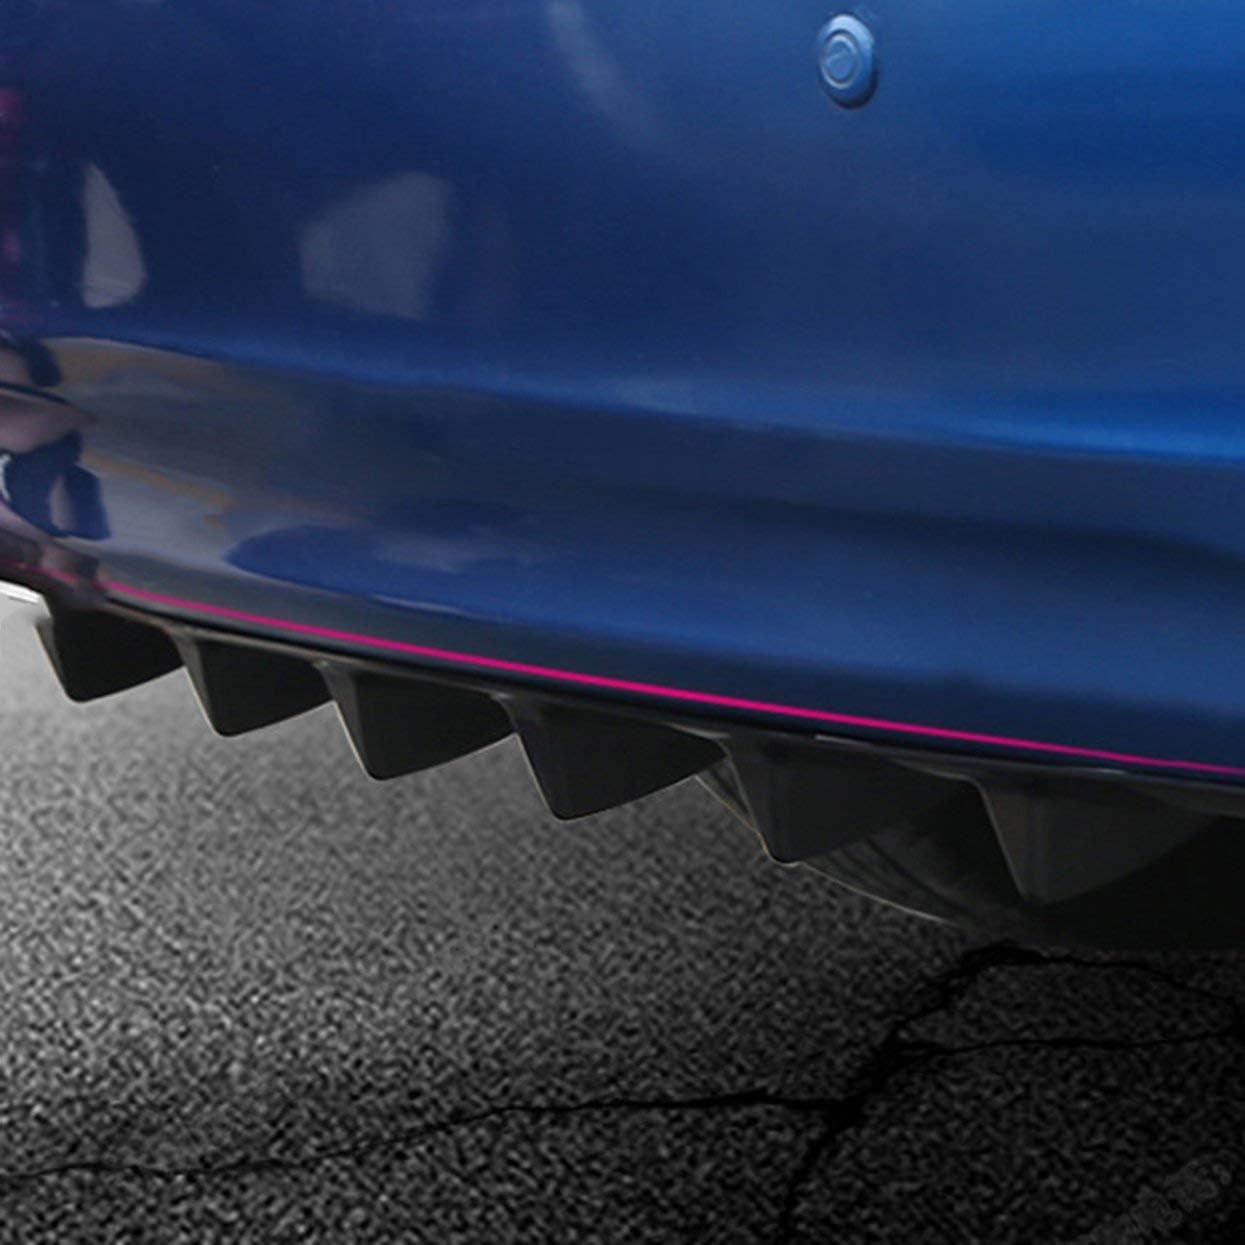 LoveOlvidoF Diffuseur de l/èvre de Pare-Chocs arri/ère de Voiture Universelle 7 Aileron de Requin Style daile de Voiture Bumper Spoiler Lip Splitter Car-Styling ABS